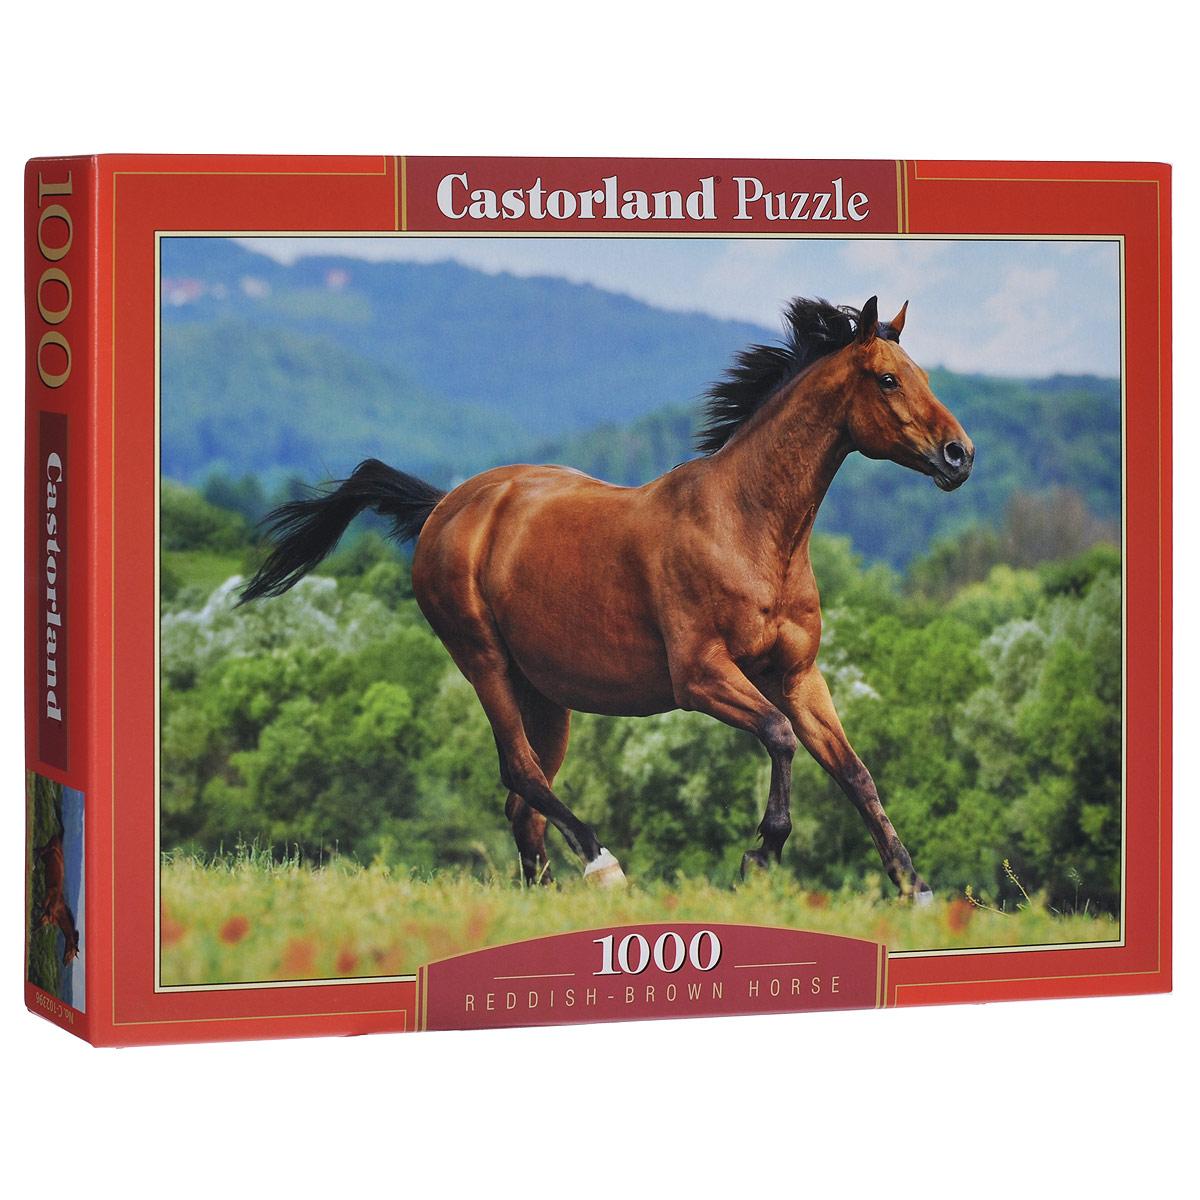 Лошадь. Пазл, 1000 элементовС-102396Пазл Лошадь, без сомнения, придется вам по душе. Собрав этот пазл, включающий в себя 1000 элементов, вы получите великолепную картину с изображением лошади на фоне природы. Пазл - великолепная игра для семейного досуга. Сегодня собирание пазлов стало особенно популярным, главным образом, благодаря своей многообразной тематике, способной удовлетворить самый взыскательный вкус. А для детей это не только интересно, но и полезно. Собирание пазла развивает мелкую моторику у ребенка, тренирует наблюдательность, логическое мышление, знакомит с окружающим миром, с цветом и разнообразными формами.